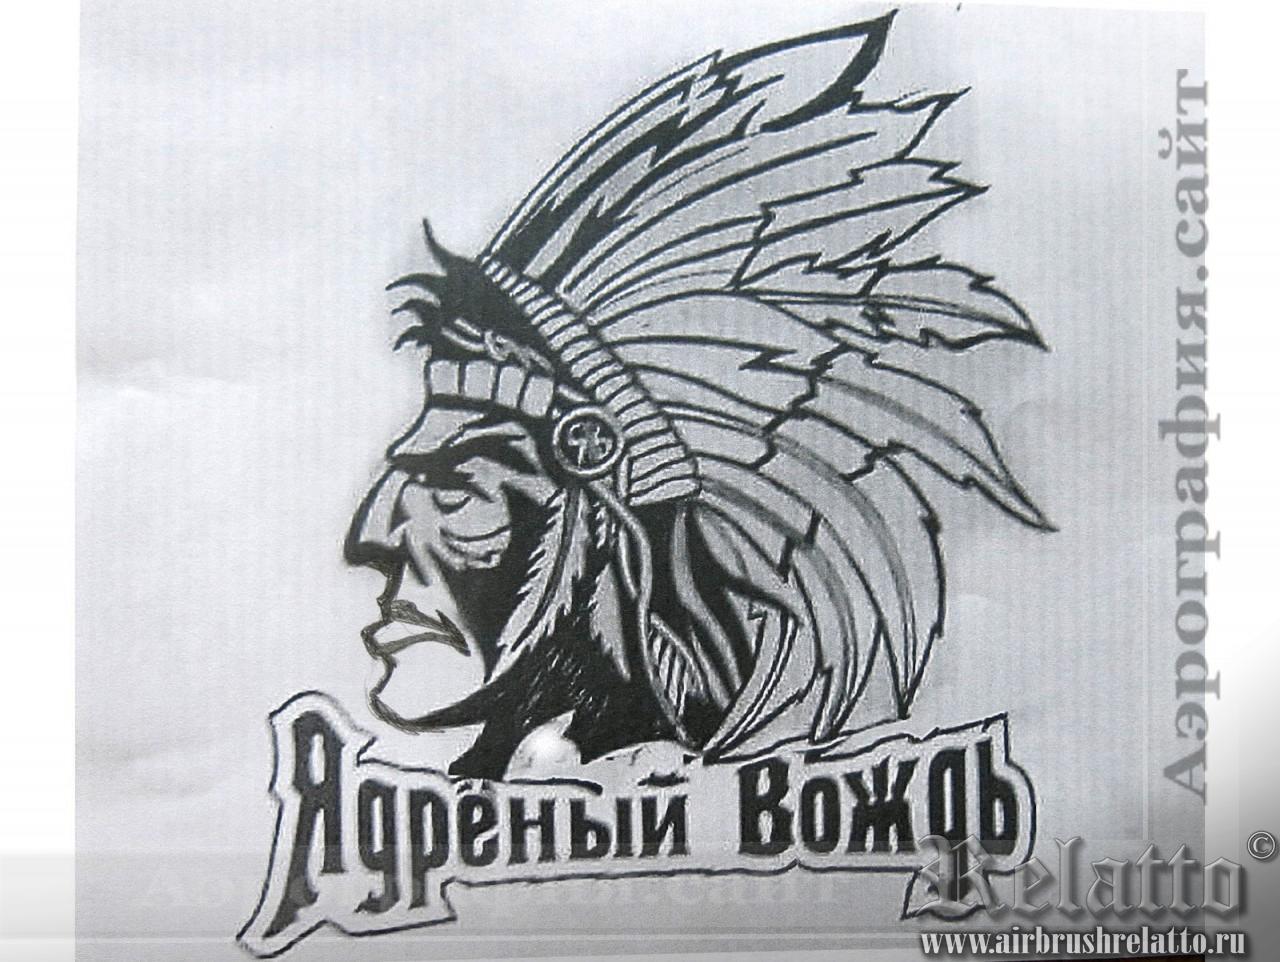 разработка логотипа Ядреный вождь